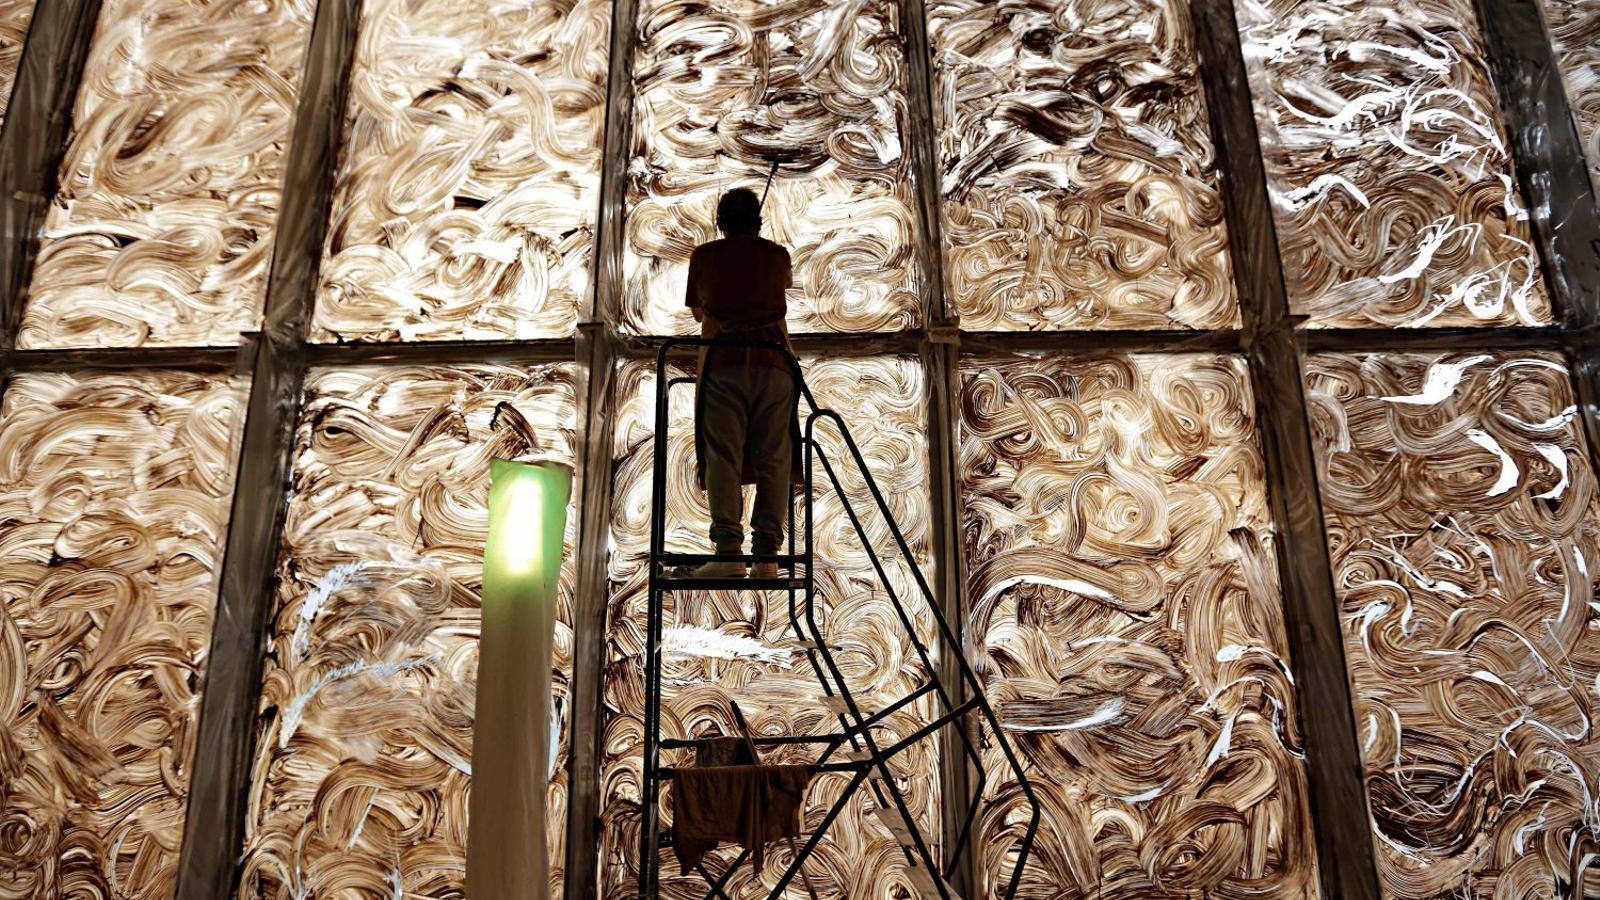 Miquel Barceló enllestint el 'Vidre de meravelles' a la Biblioteca Nacional de França al 2016